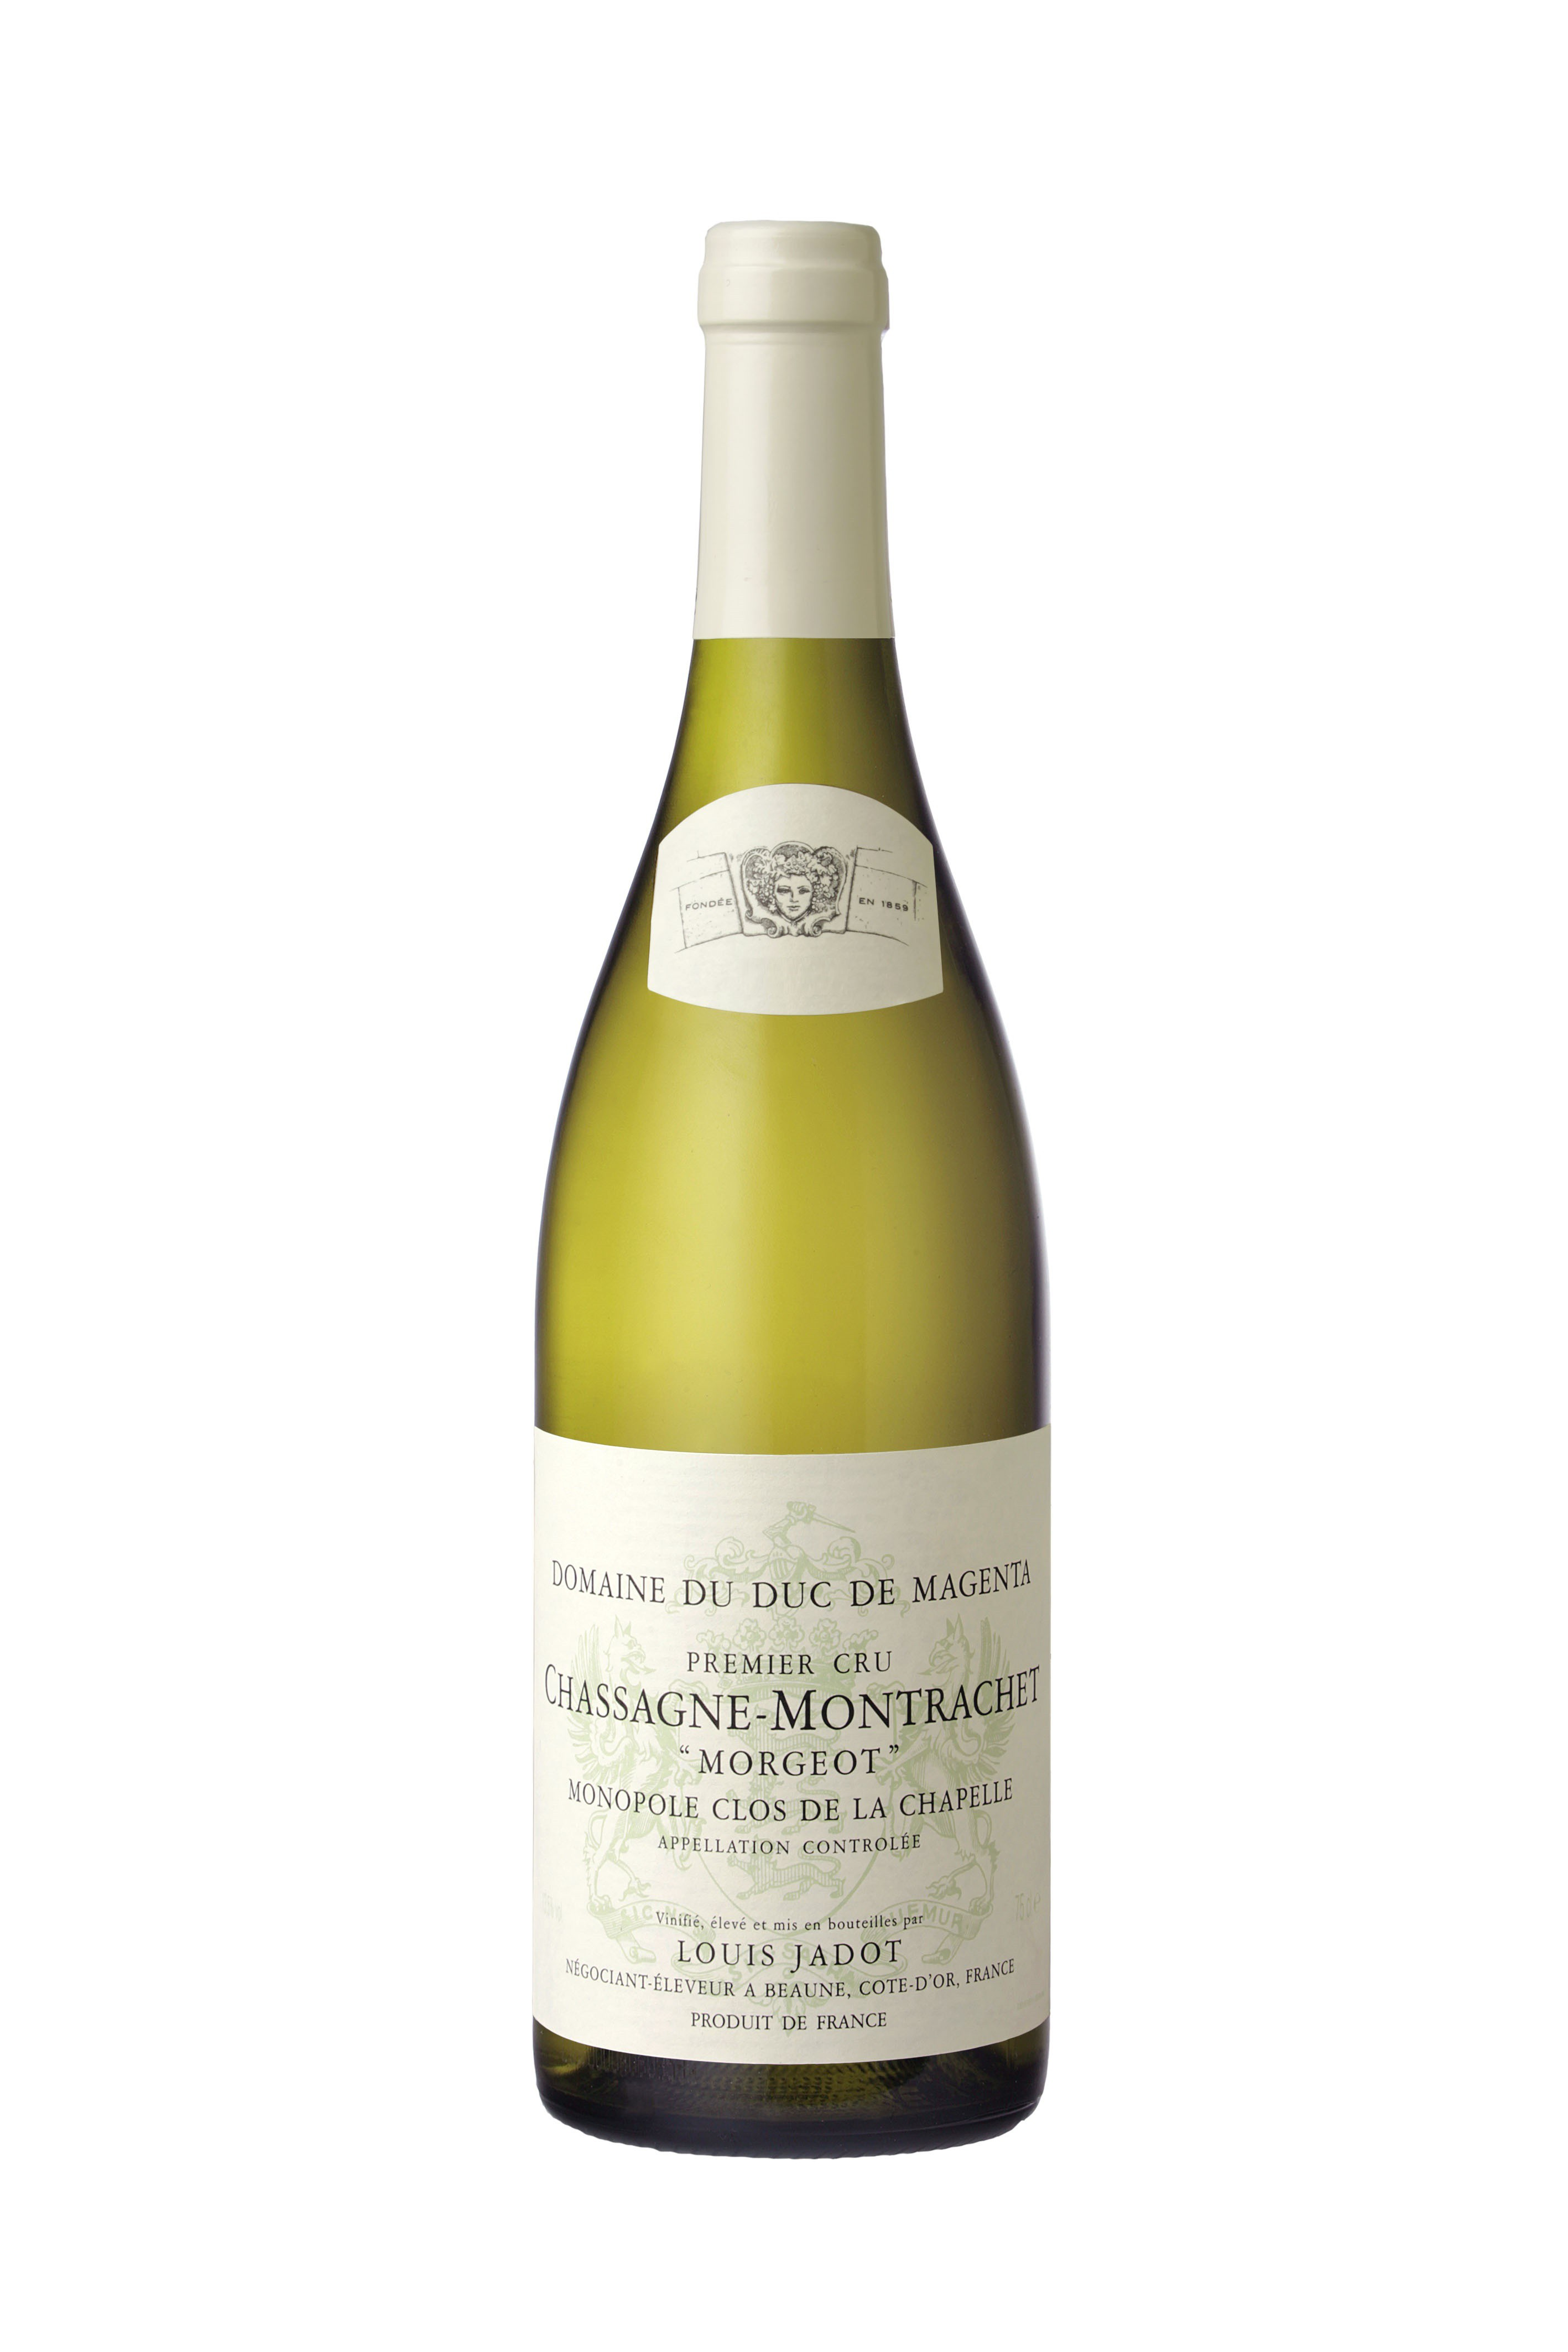 Chassagne Montrachet Blanc Premier cru Morgeot Louis Jadot